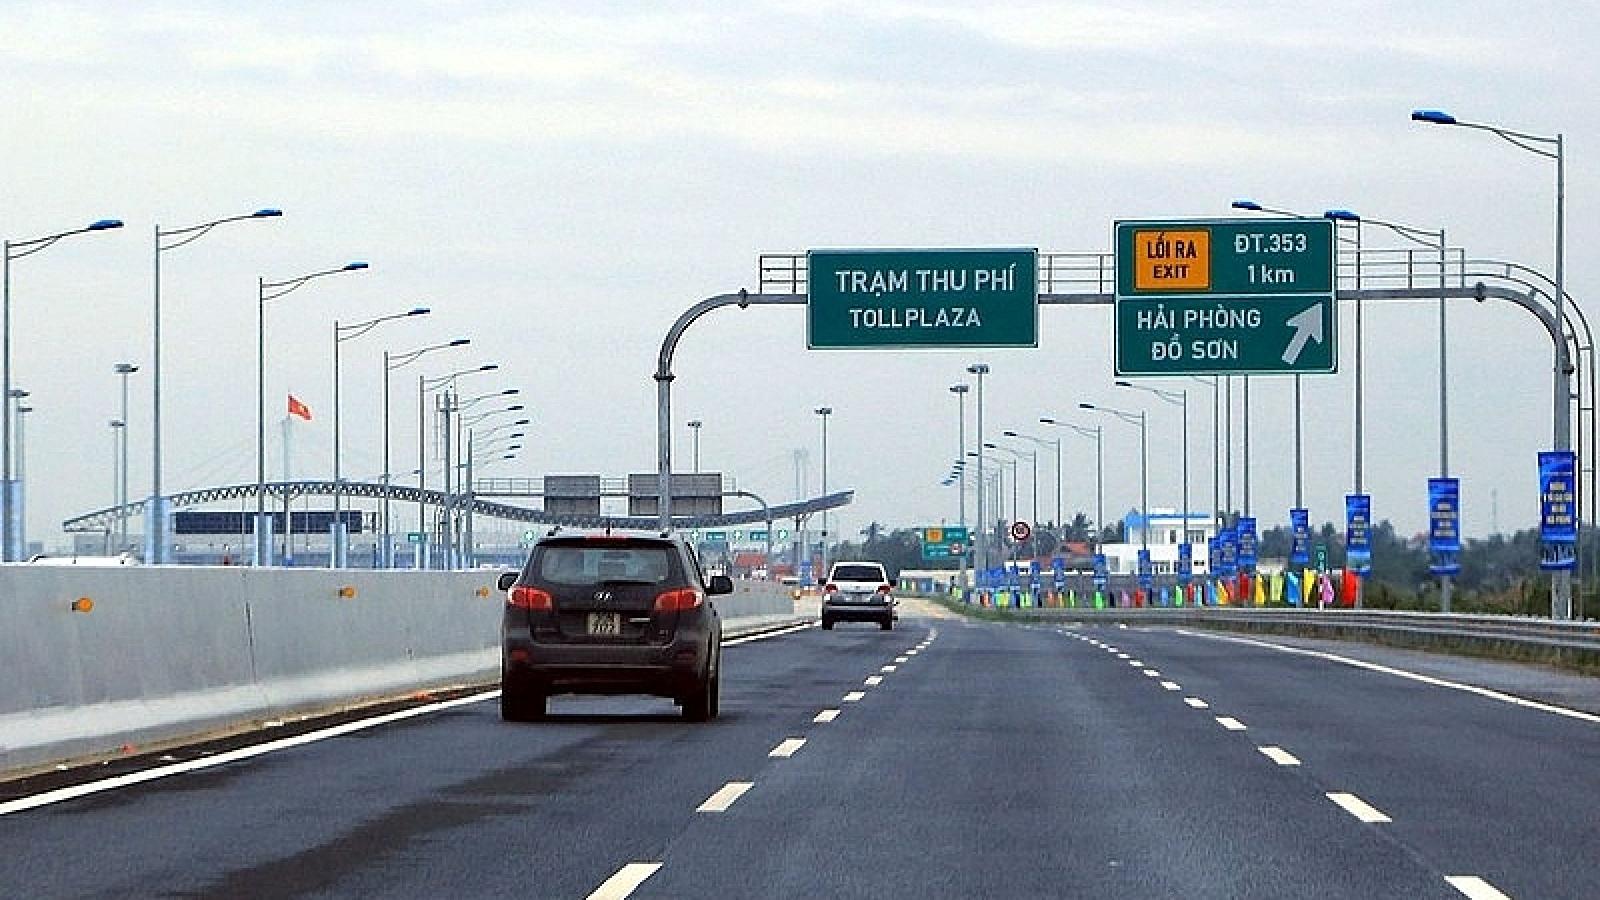 Chính thức giảm phí cao tốc Hà Nội - Hải Phòng